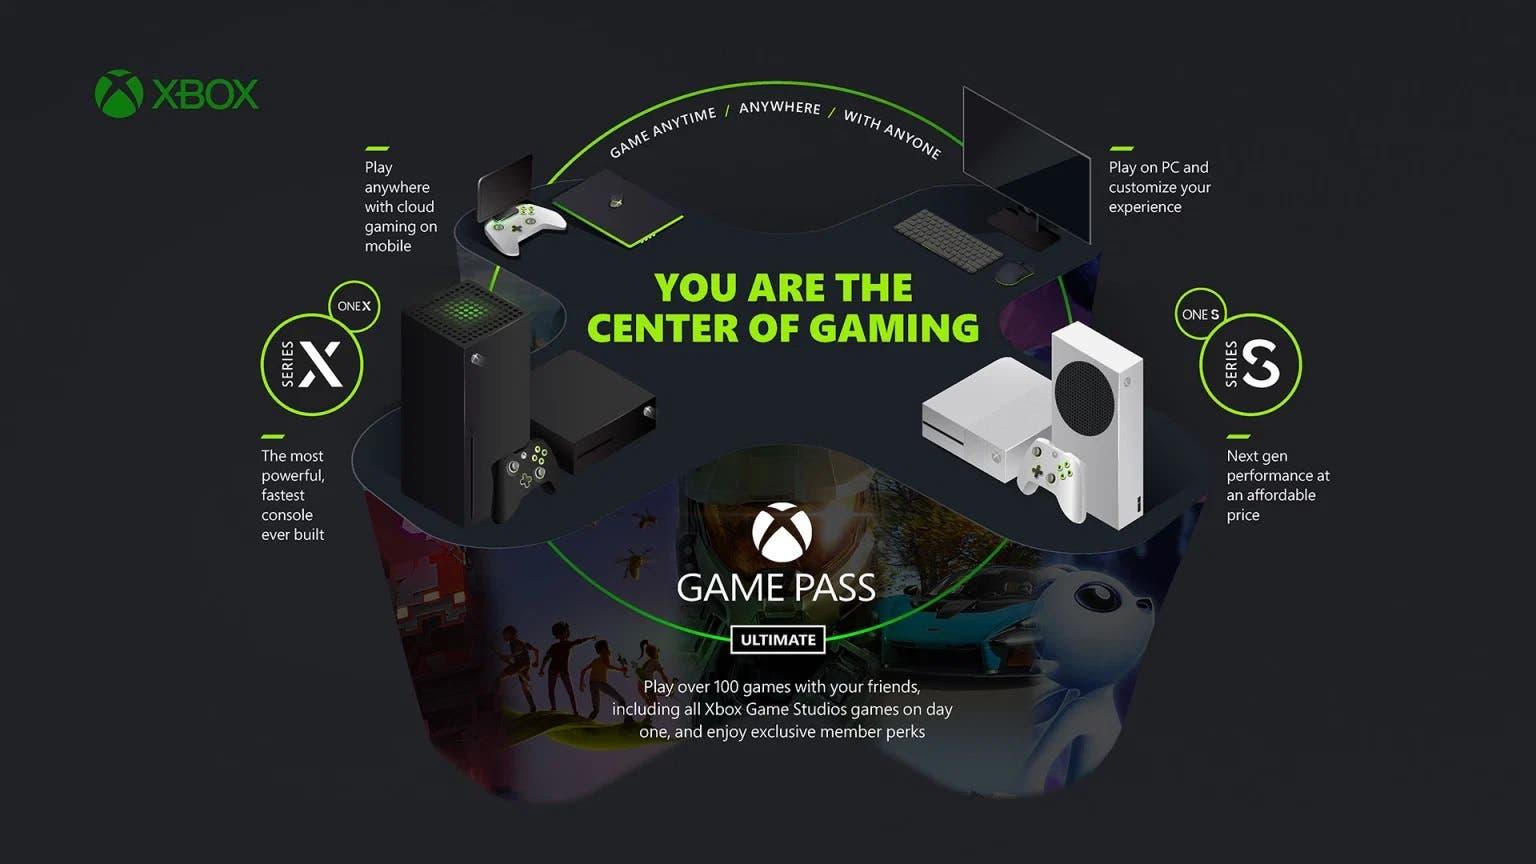 Xbox está trabajando con fabricantes de televisiones para integrar la experiencia Xbox en sus productos 2